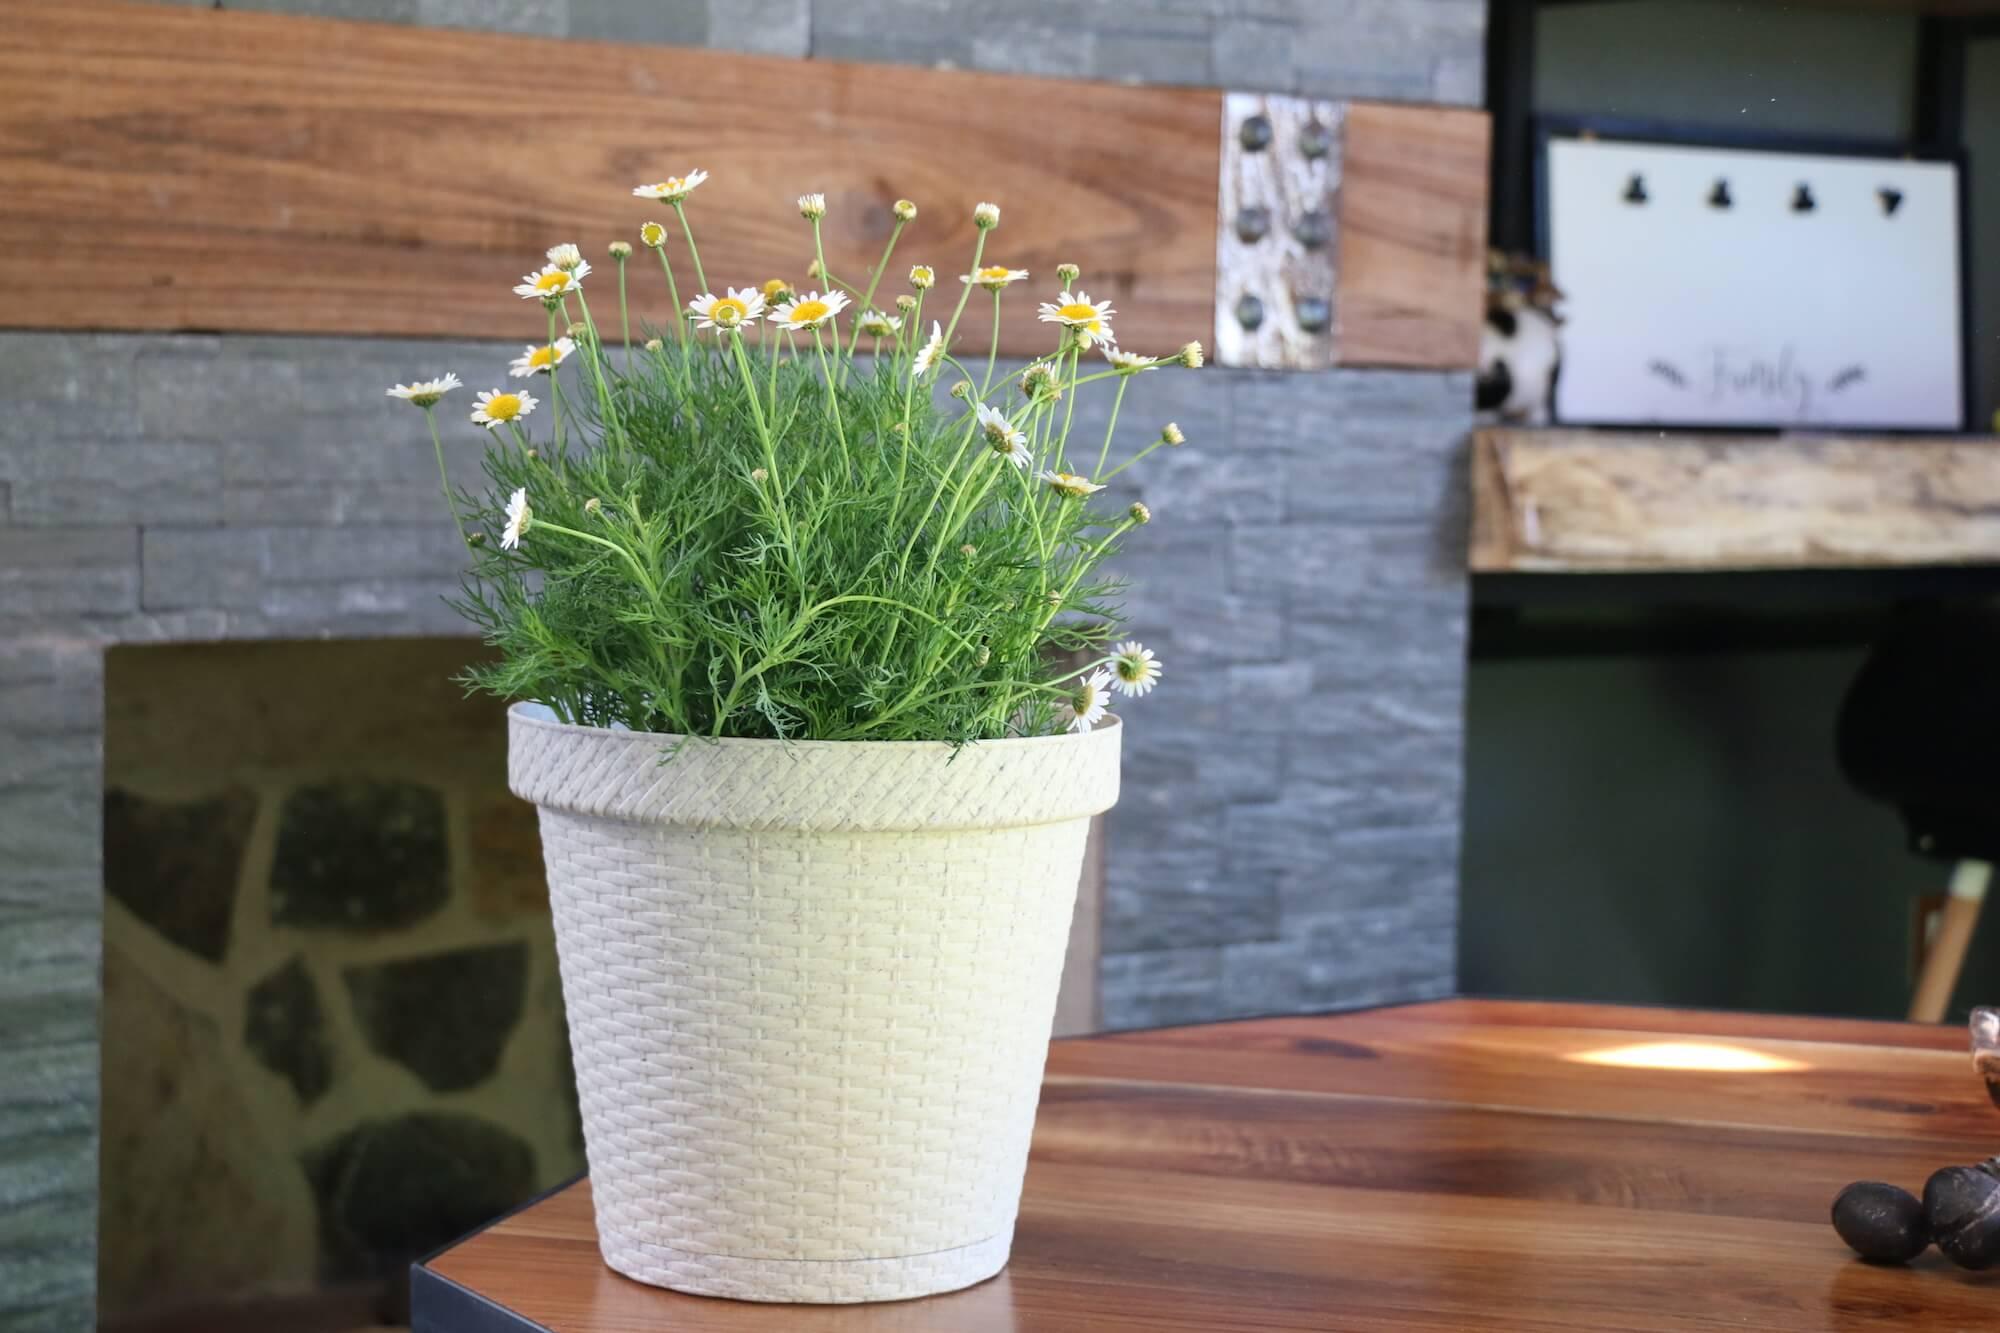 Biodegradable-Pots-Planters-Terragave-EU-04.jpeg